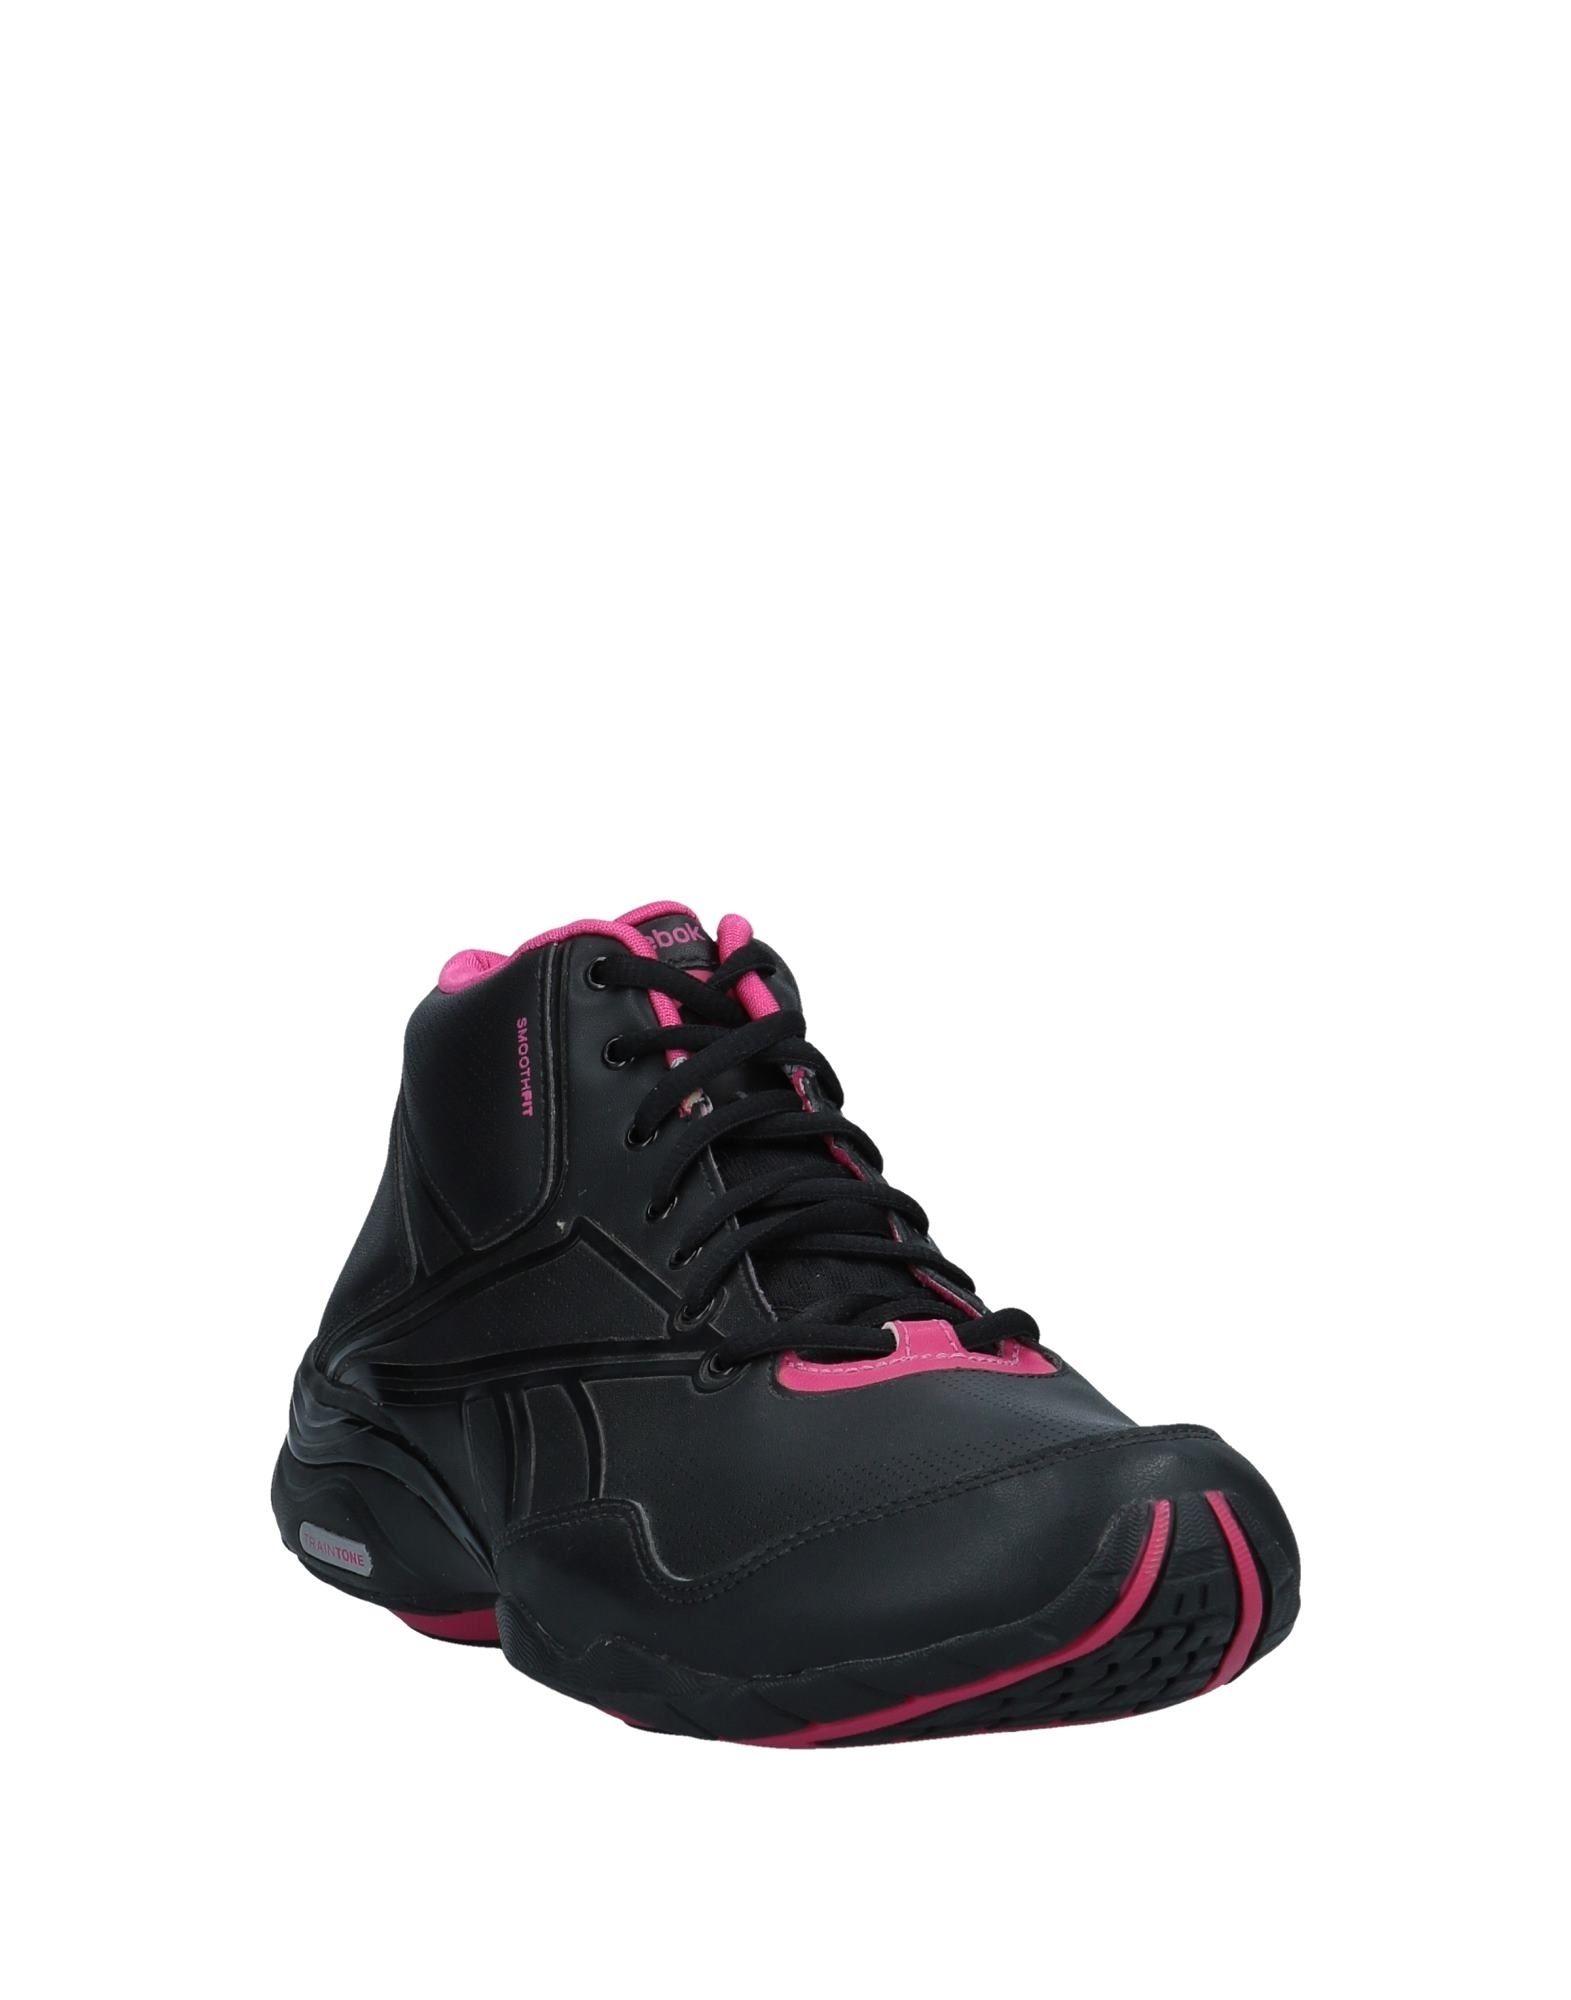 Reebok Sneakers Damen beliebte  11554157AU Gute Qualität beliebte Damen Schuhe 72d923